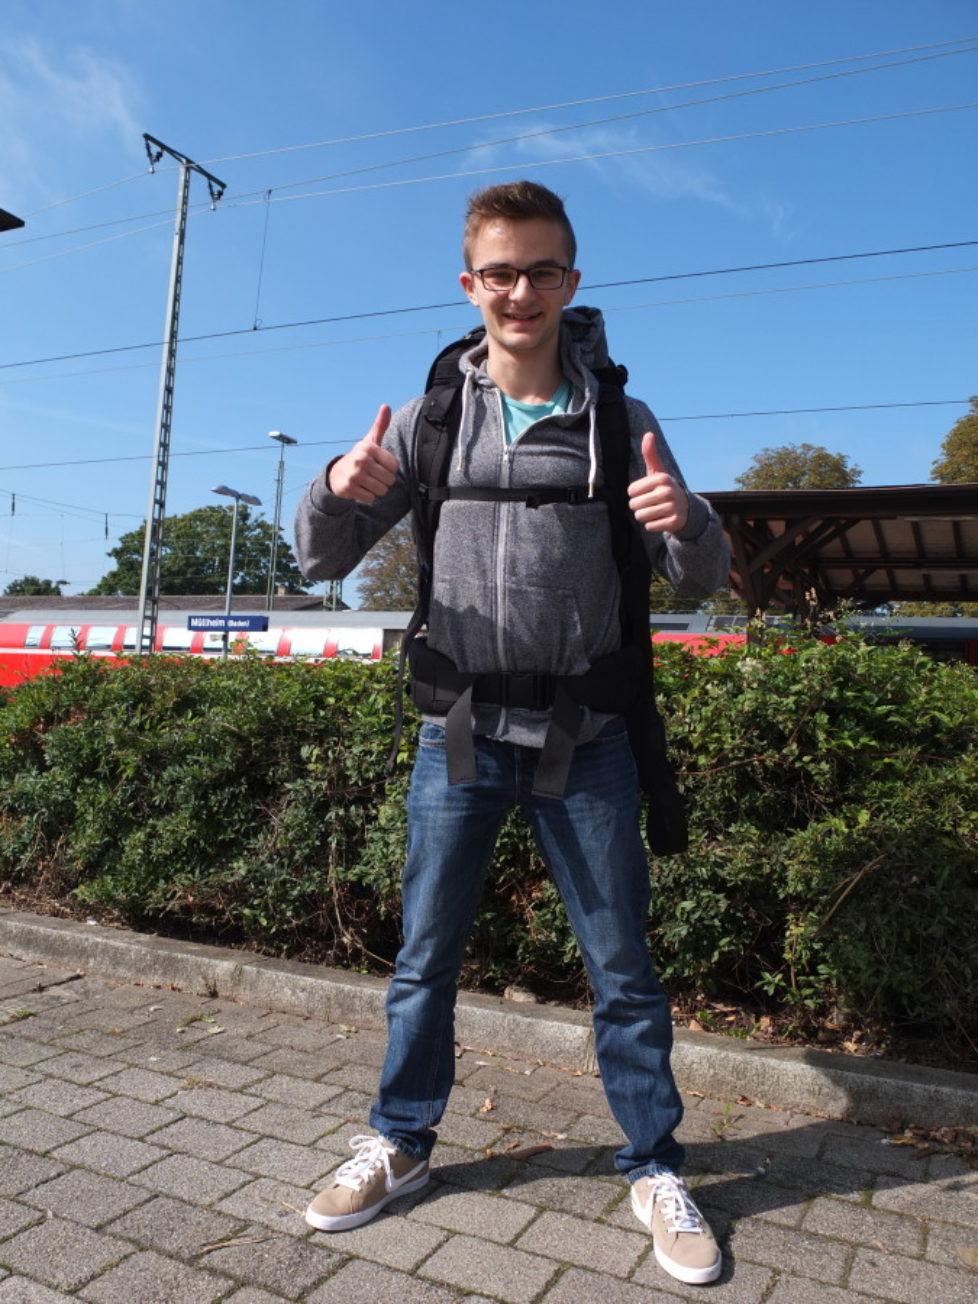 Am Bahnhof von Müllheim werden noch einmal letzte Bilder gemacht.